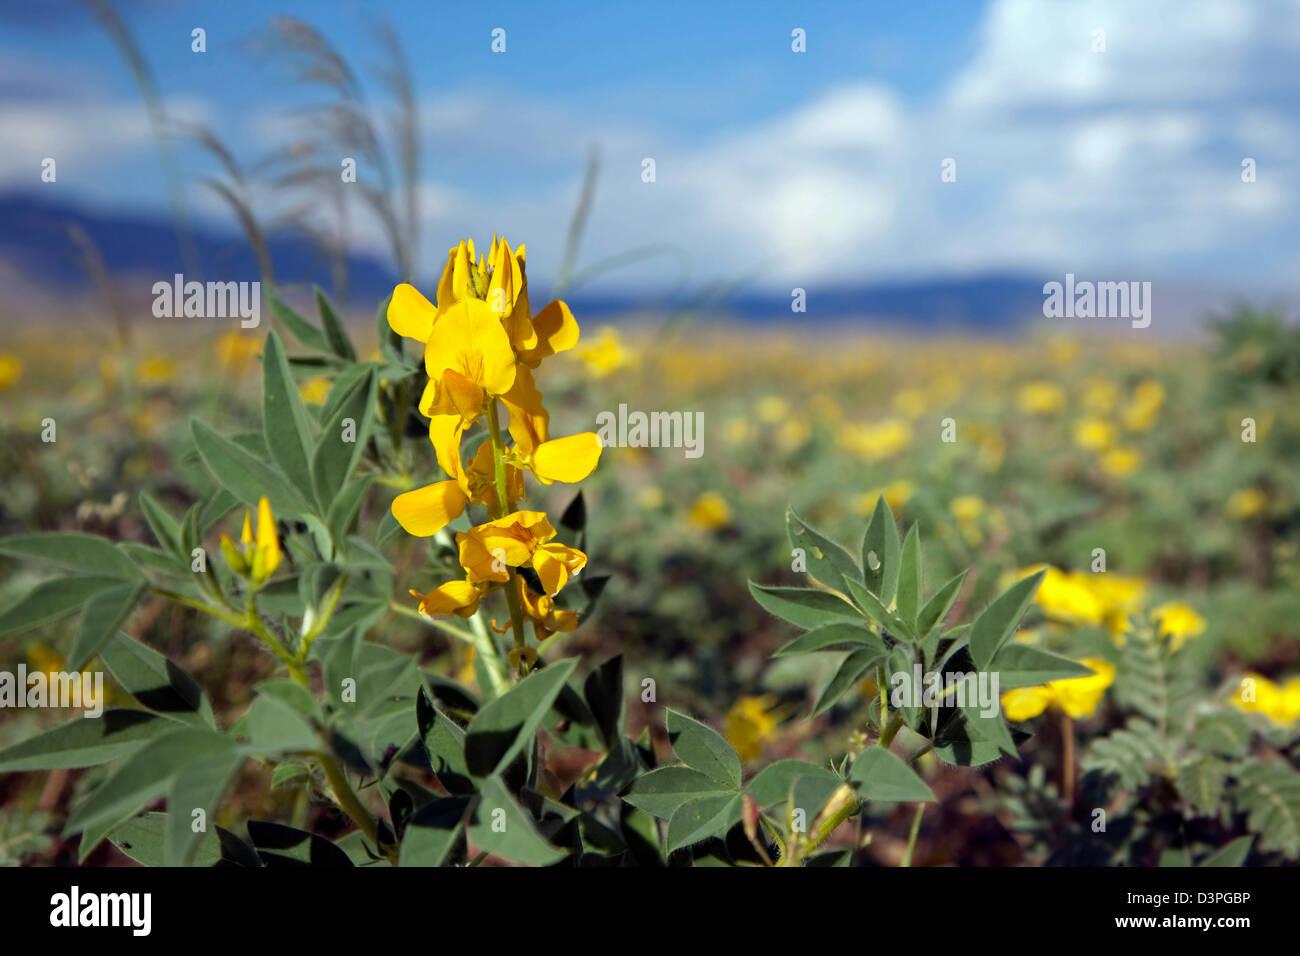 yellow desert flowers stock photos u0026 yellow desert flowers stock